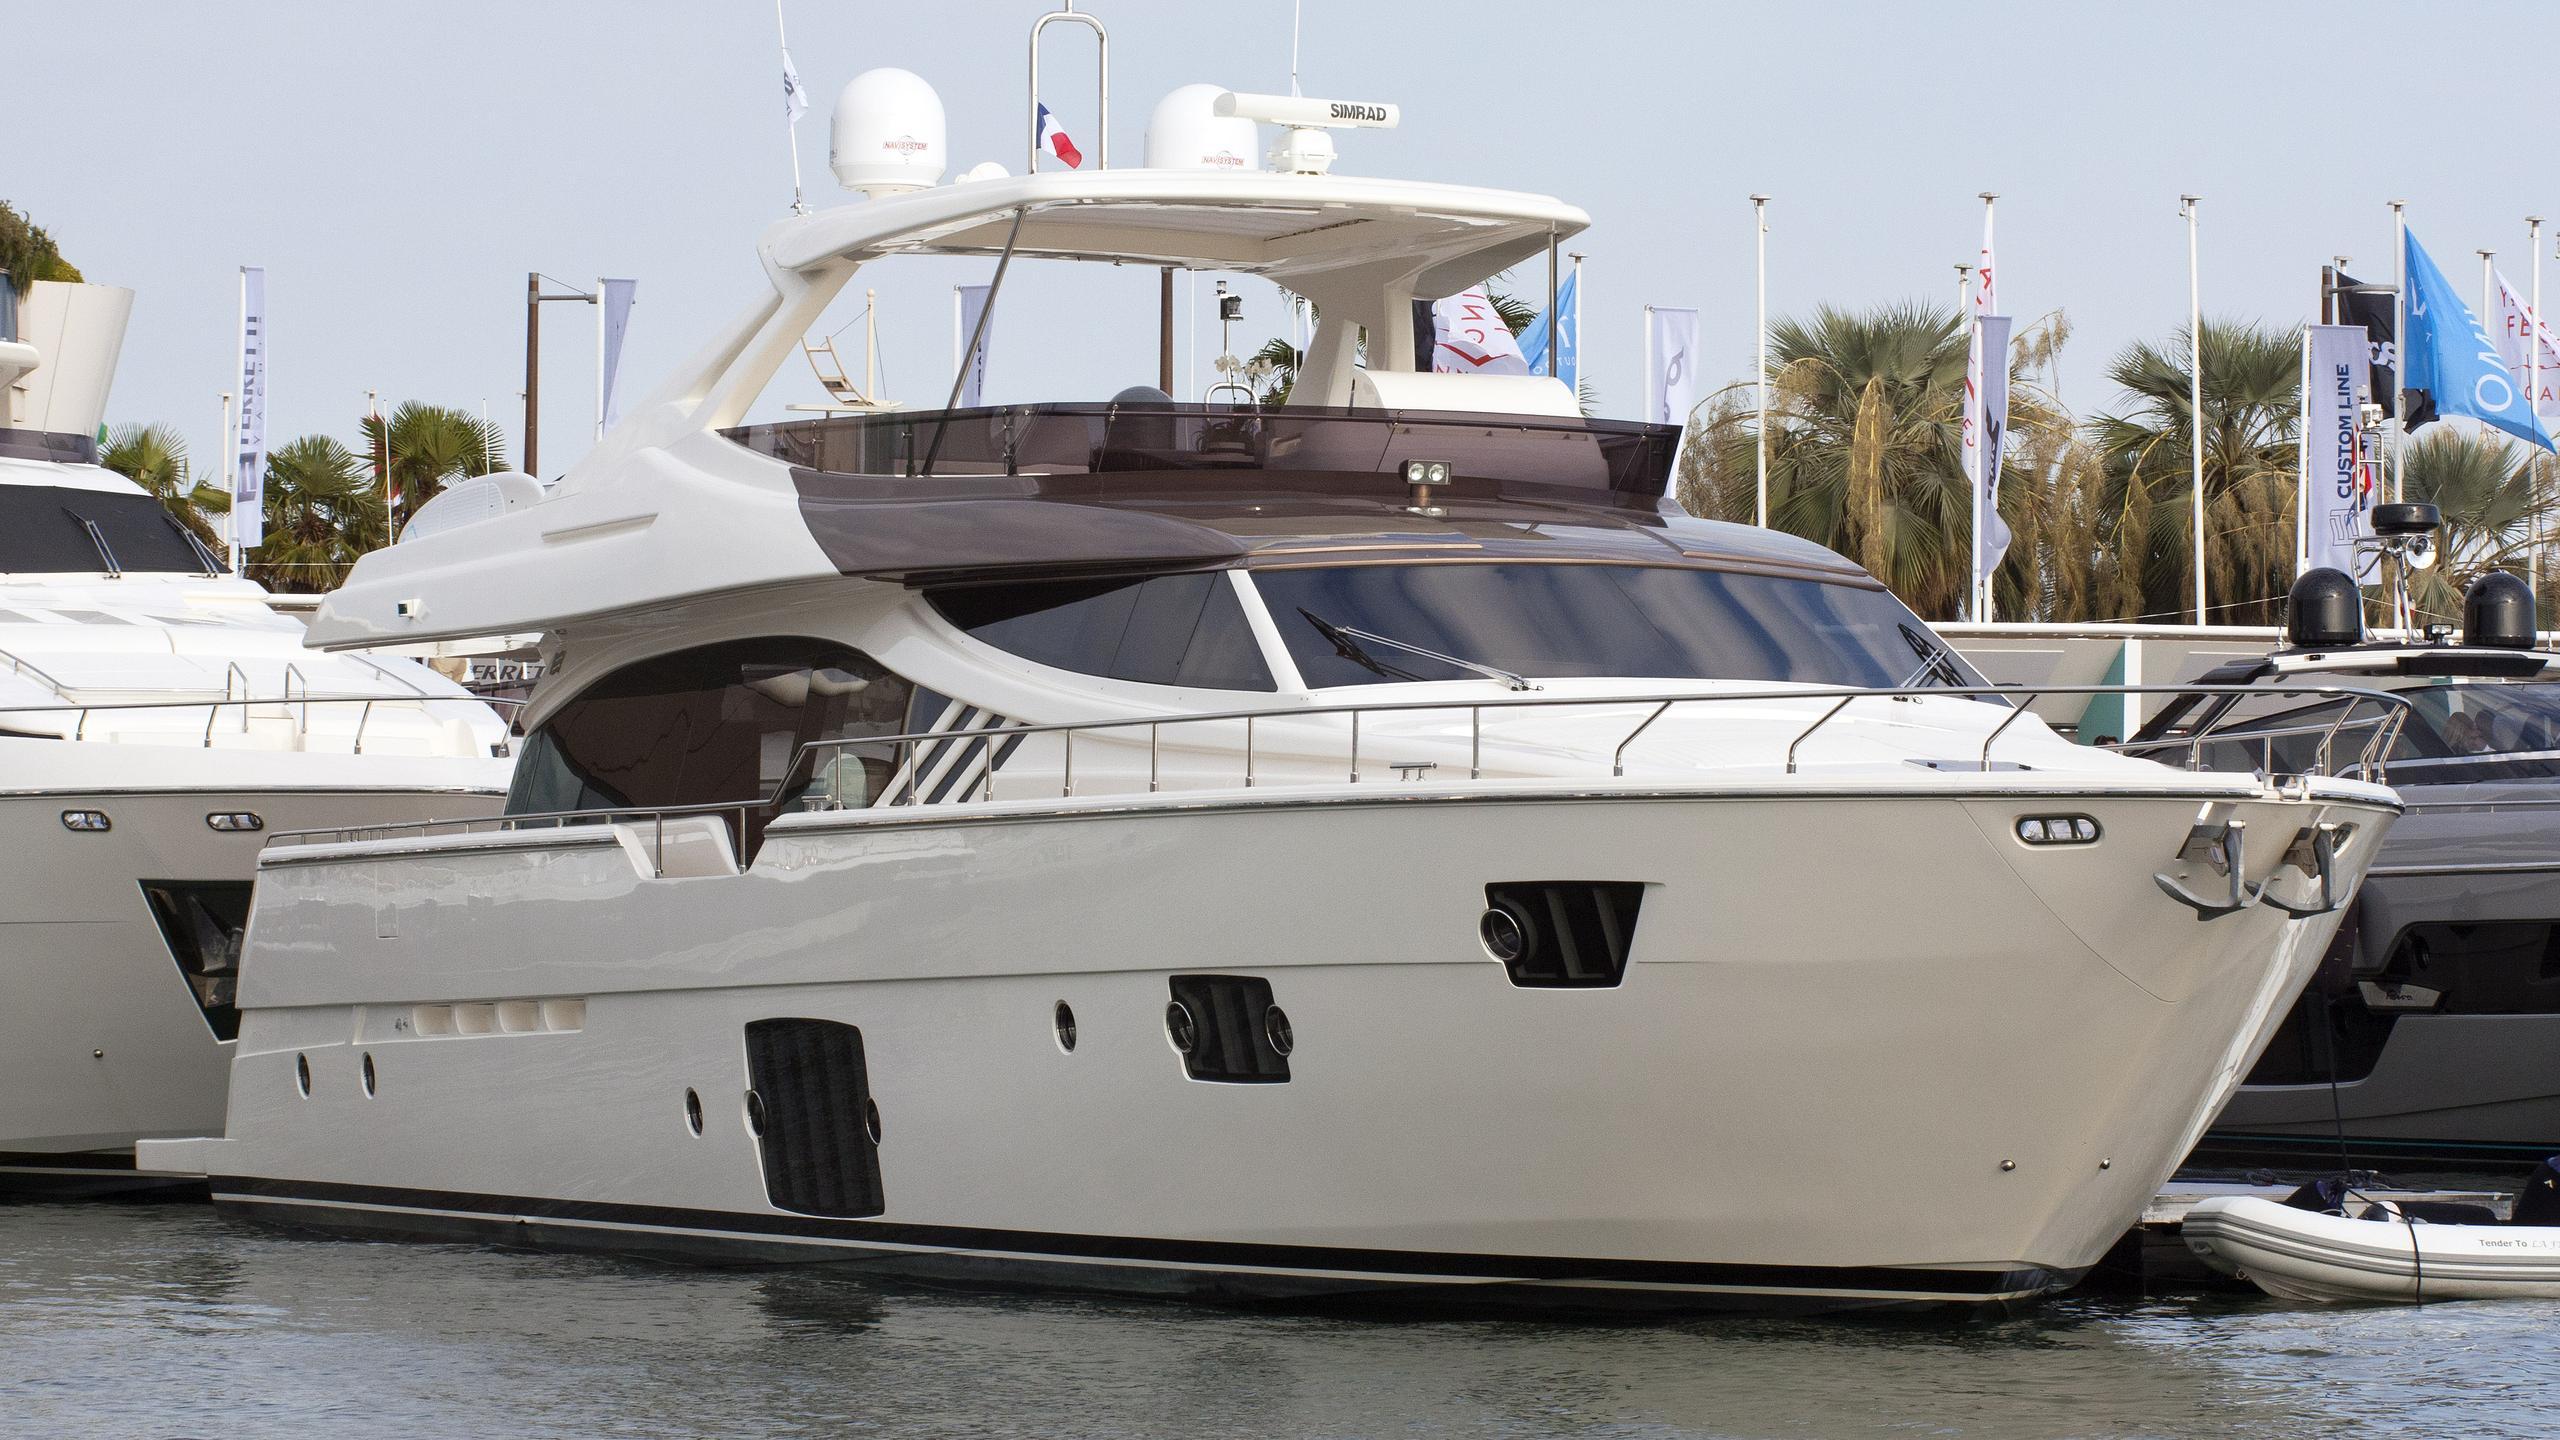 la-felicita-motor-yacht-ferretti-870-2015-27m-half-profile